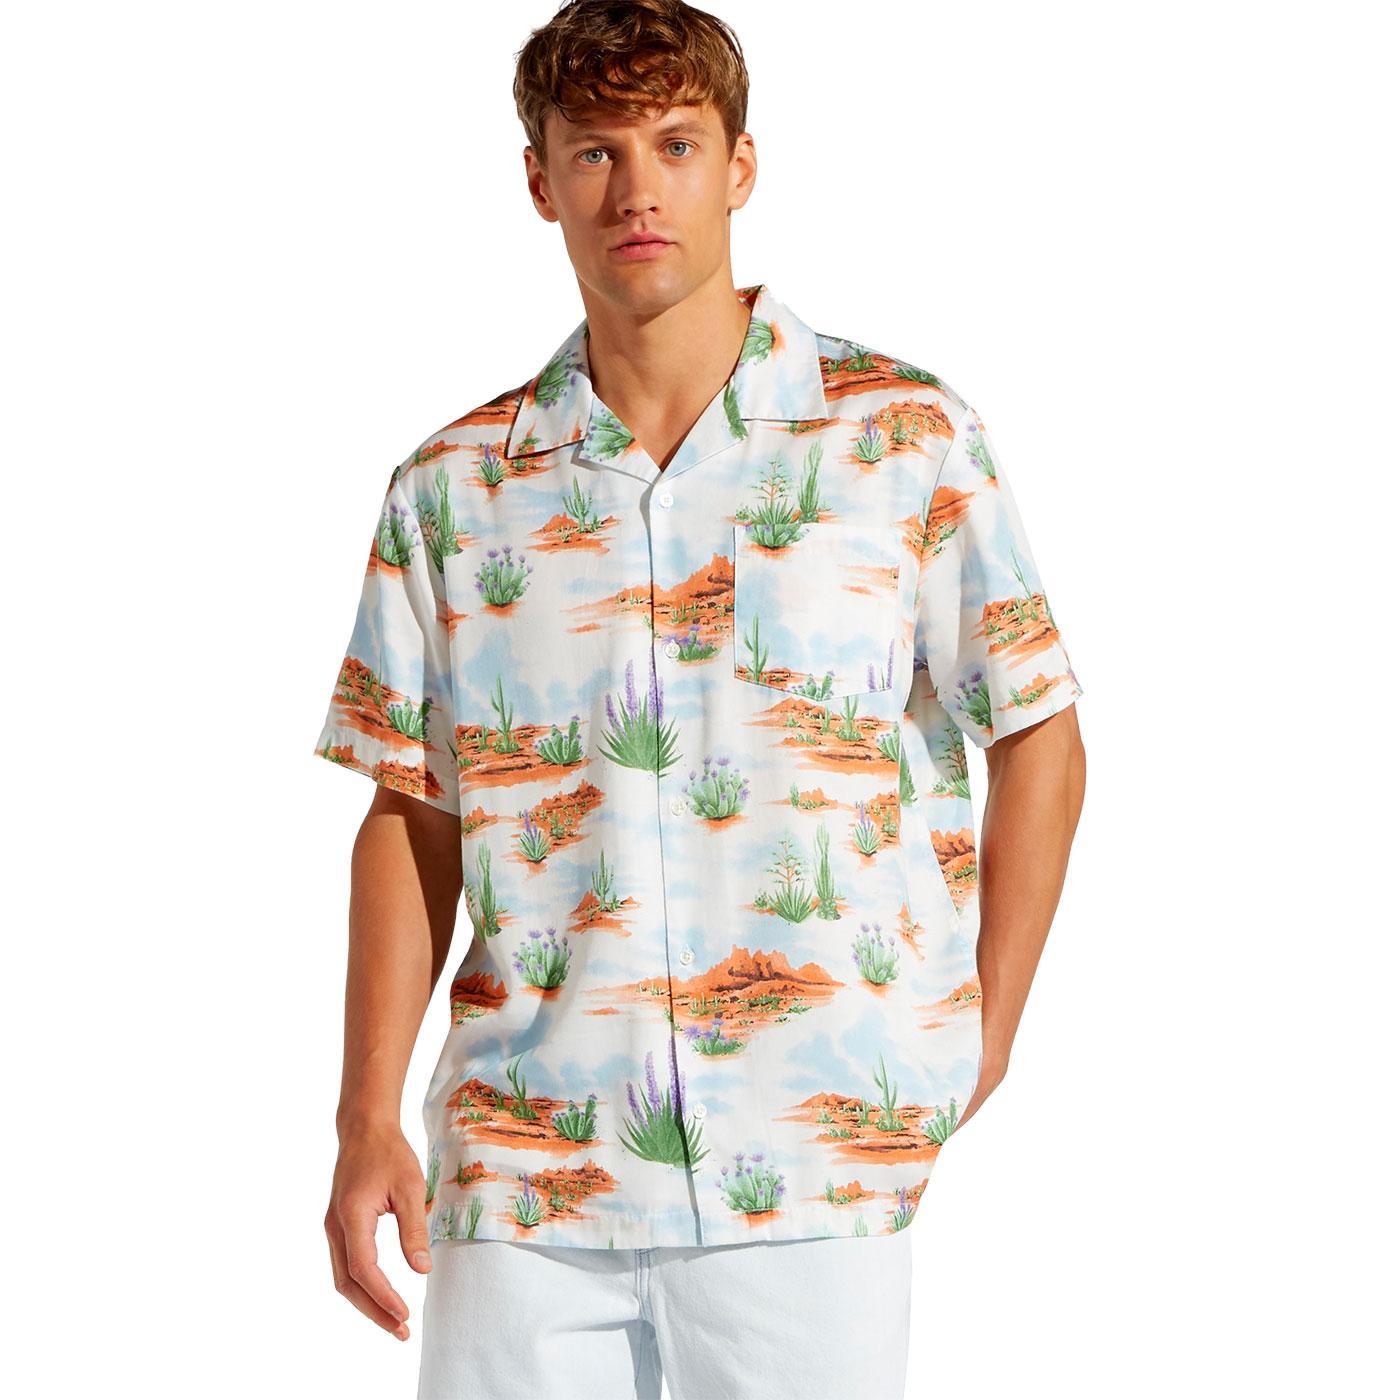 WRANGLER Retro 70s Wild West Print Resort Shirt GO